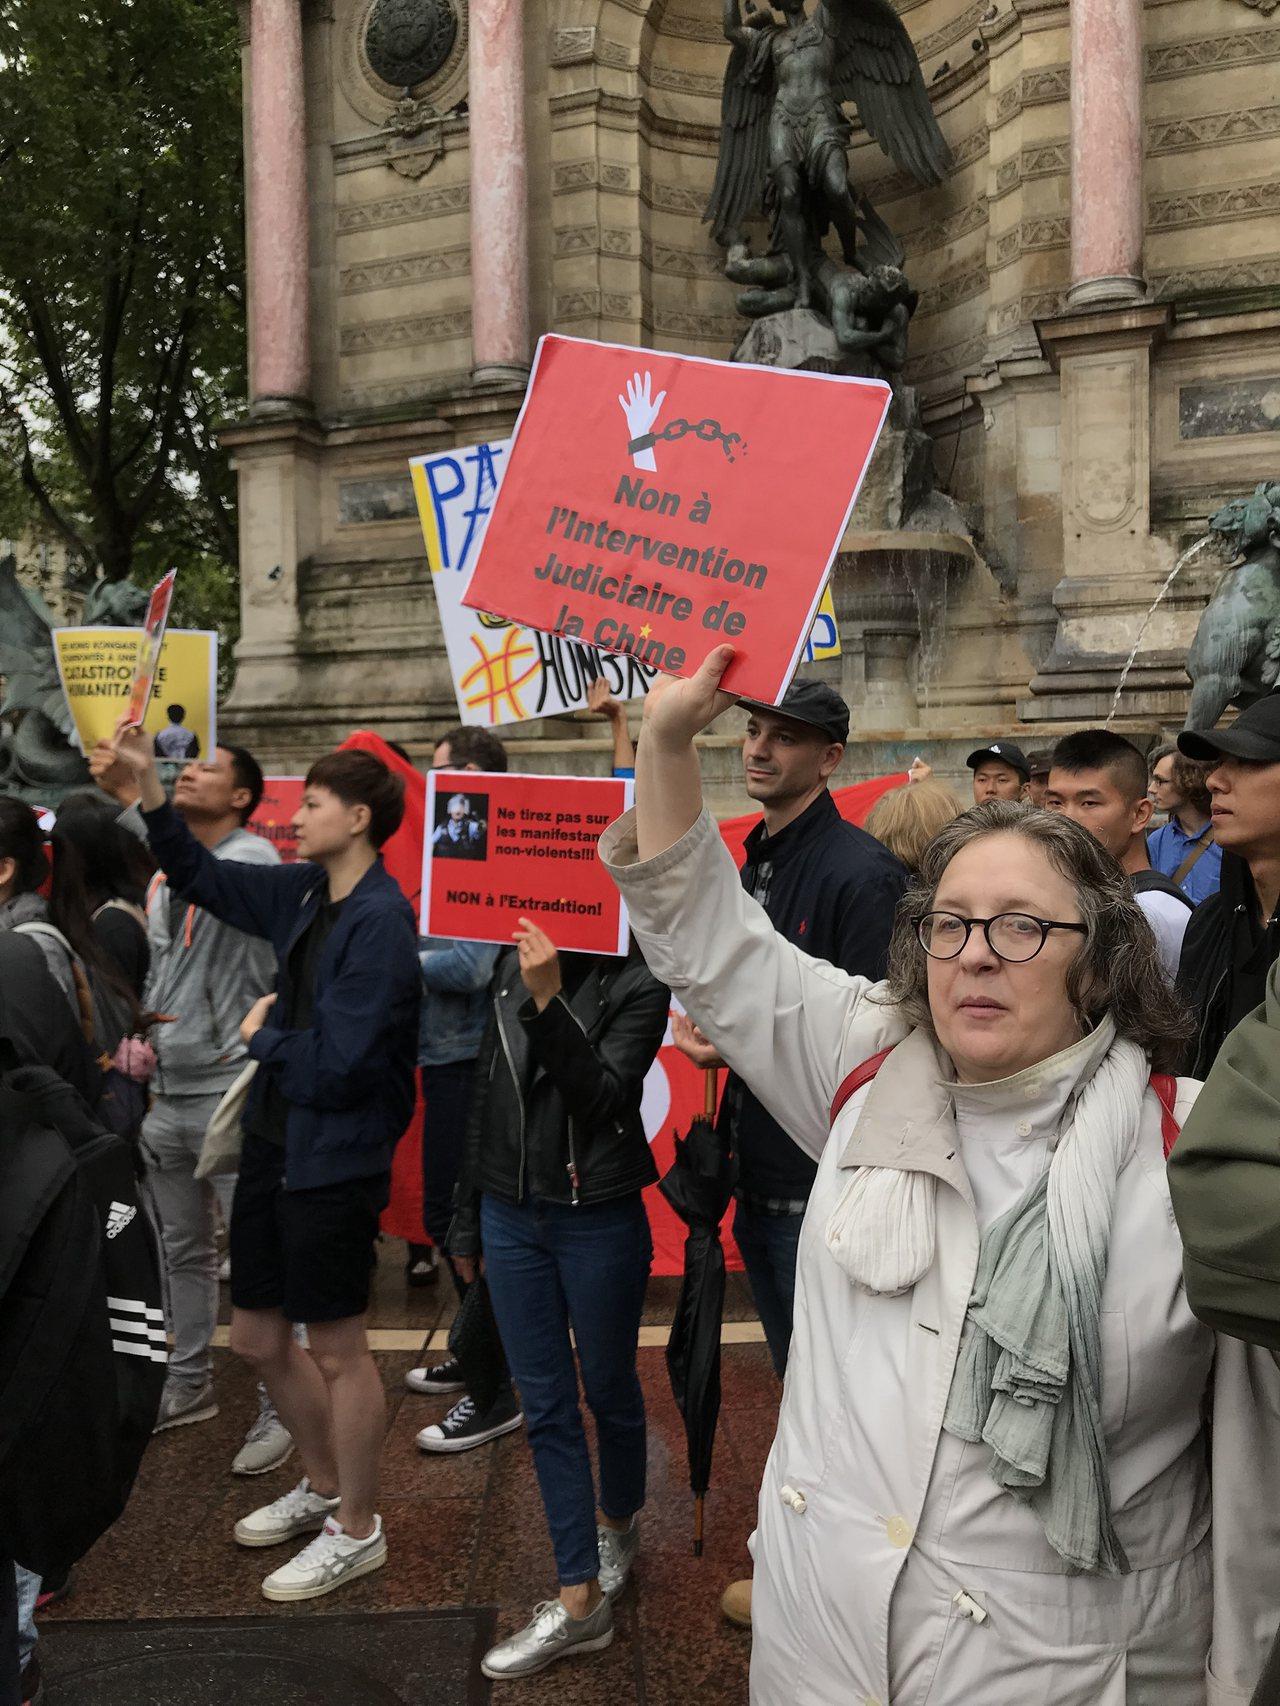 旅居巴黎的香港人集會支持香港「反送中」運動訴求,關心亞洲情勢的法國民眾也到場,期...